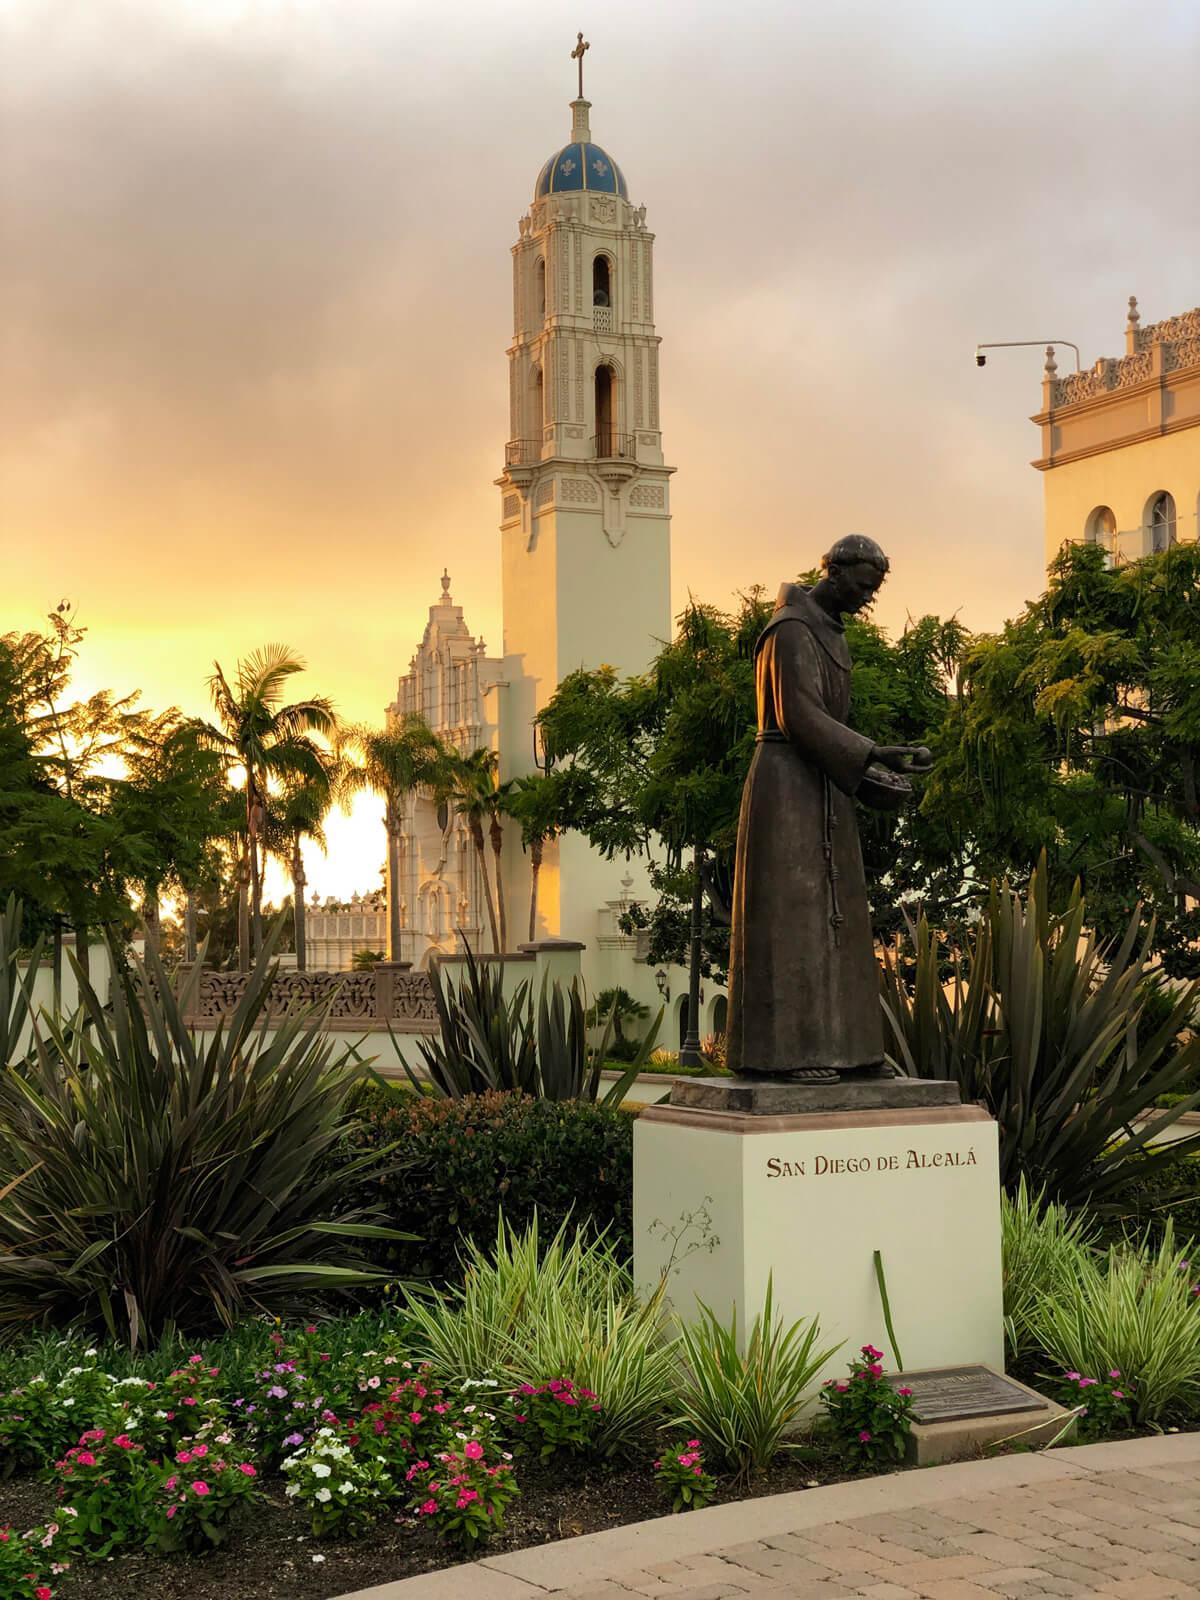 San Diego de Alcala at dusk